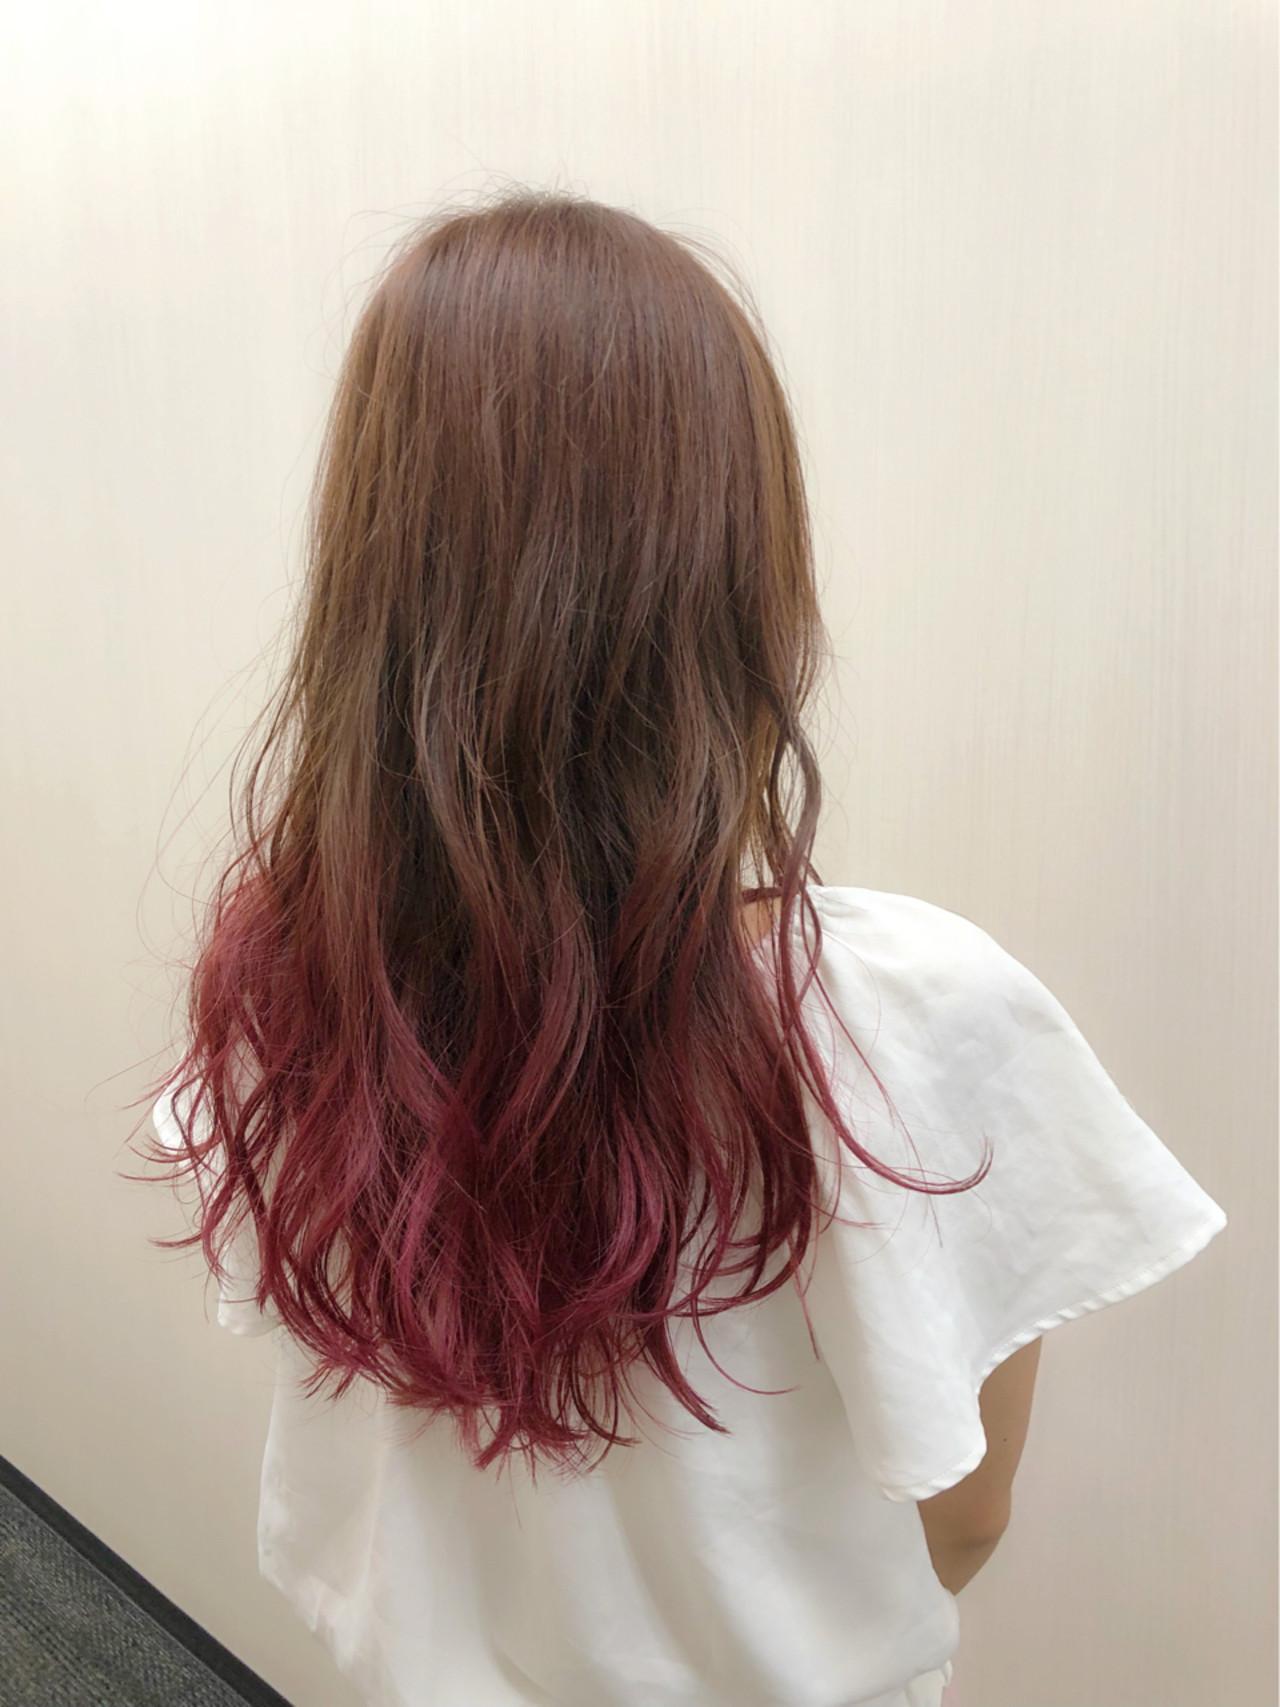 派手髮に挑戦するなら毛先ピンクがおすすめ! 久保佑介